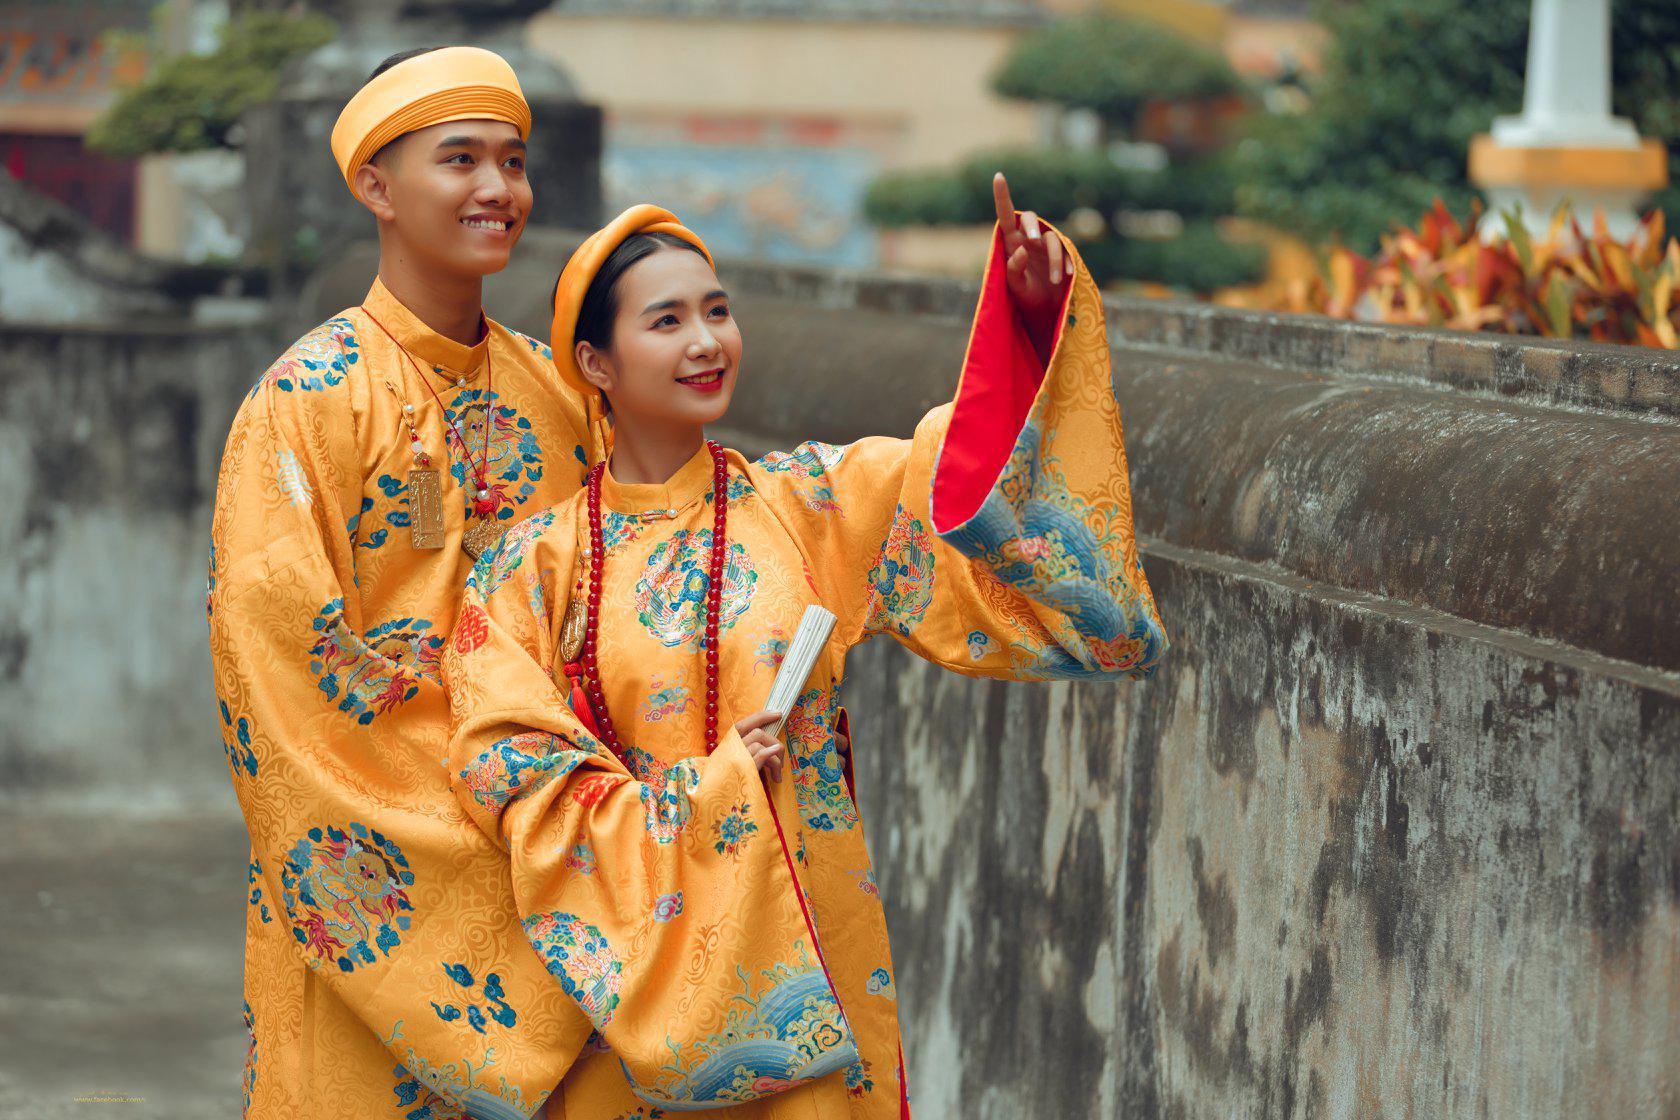 """Nhóm học sinh cấp 3 tìm về nét đẹp truyền thống, diện nguyên dàn cổ phục Việt chụp ảnh kỷ yếu, nhanh chóng thành tạo """"hot trend"""" trên mạng xã hội - Ảnh 20."""